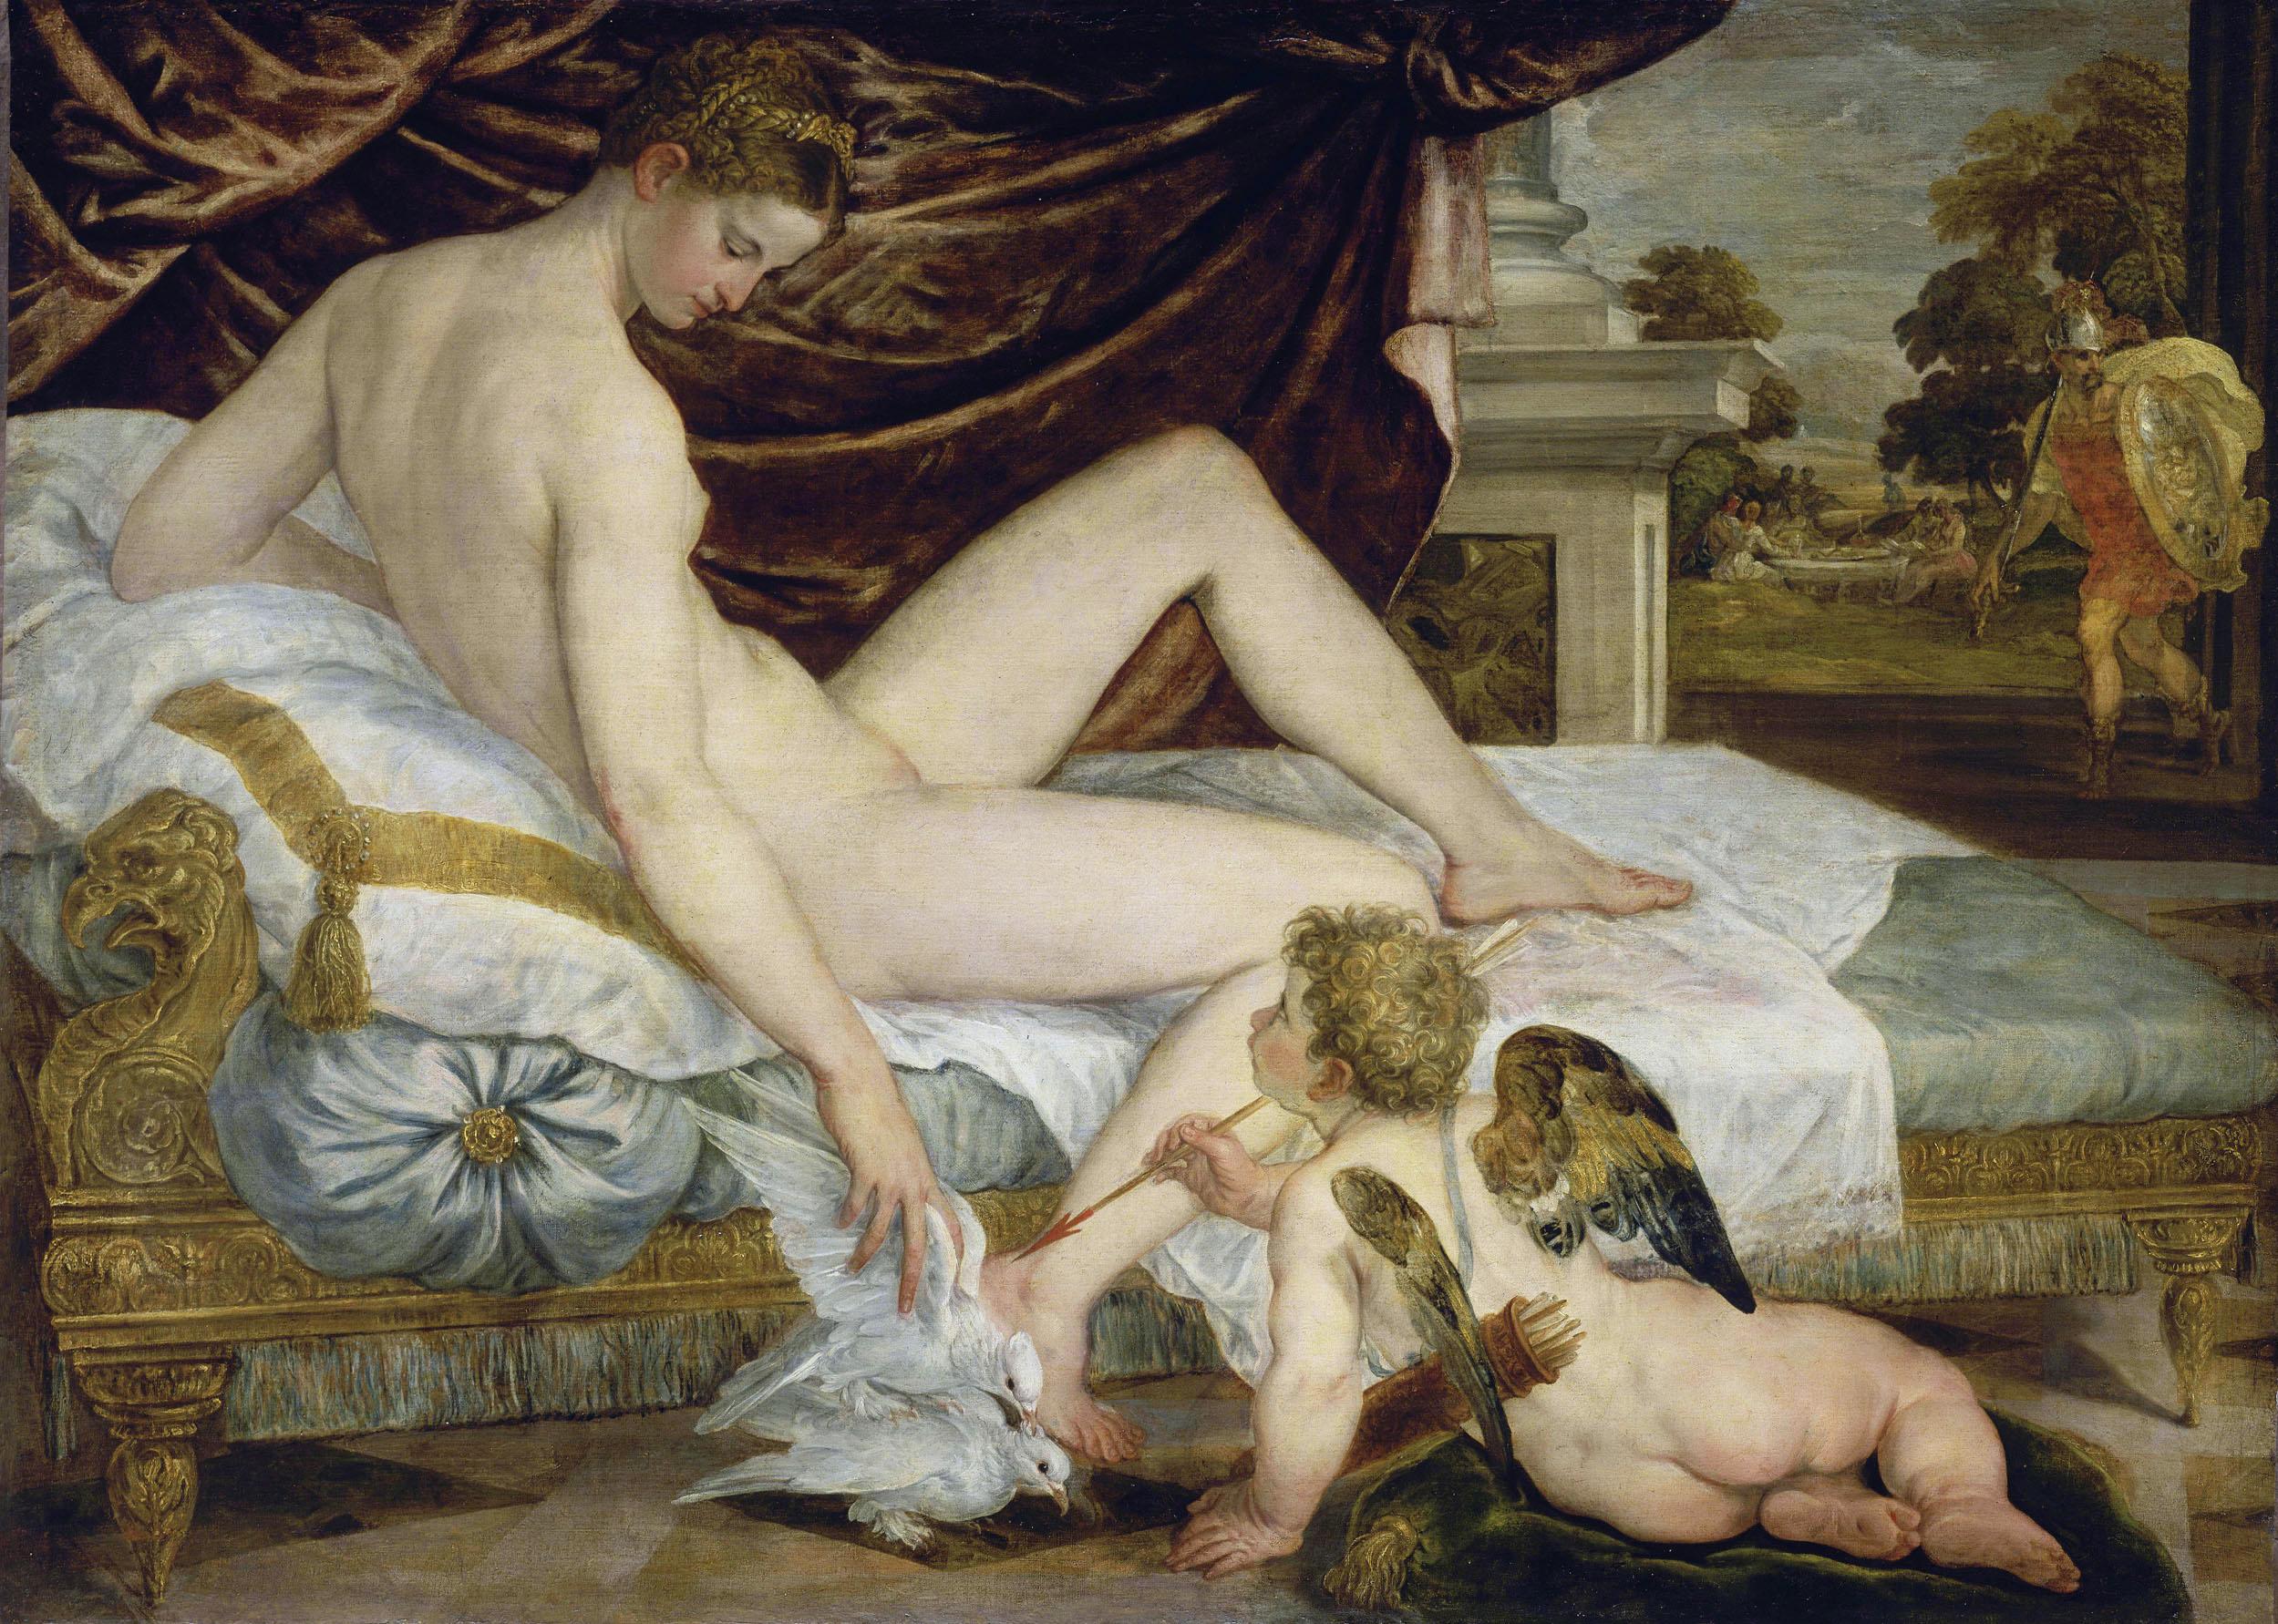 Lambert Sustris Venus et amour attendant Mars